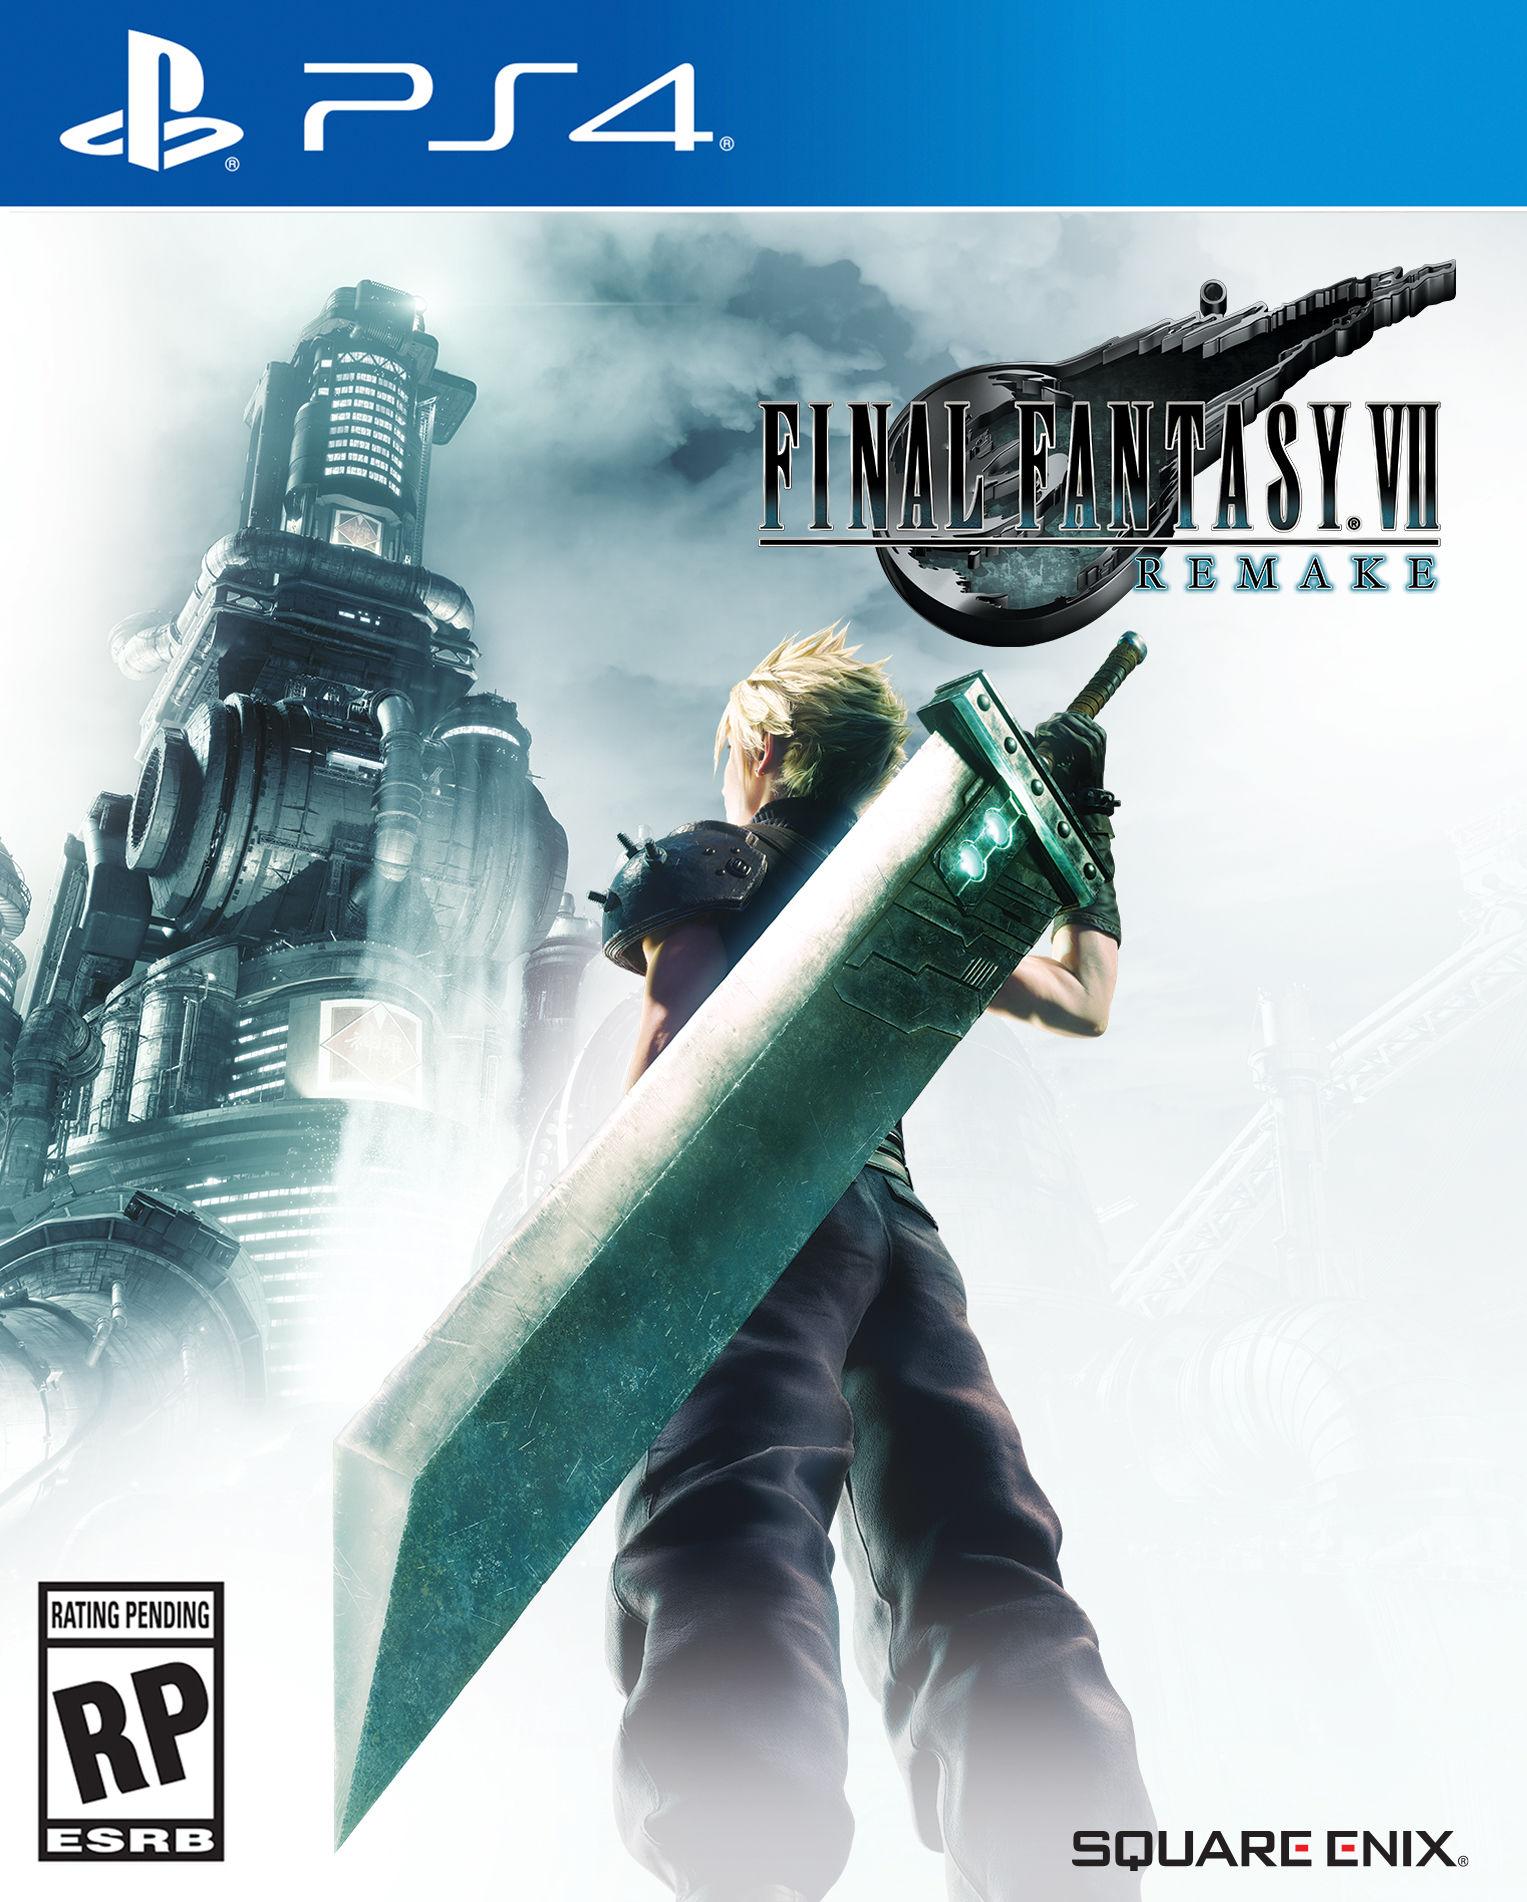 Final Fantasy VII Remake'in kapak tasarımı yayınlandı